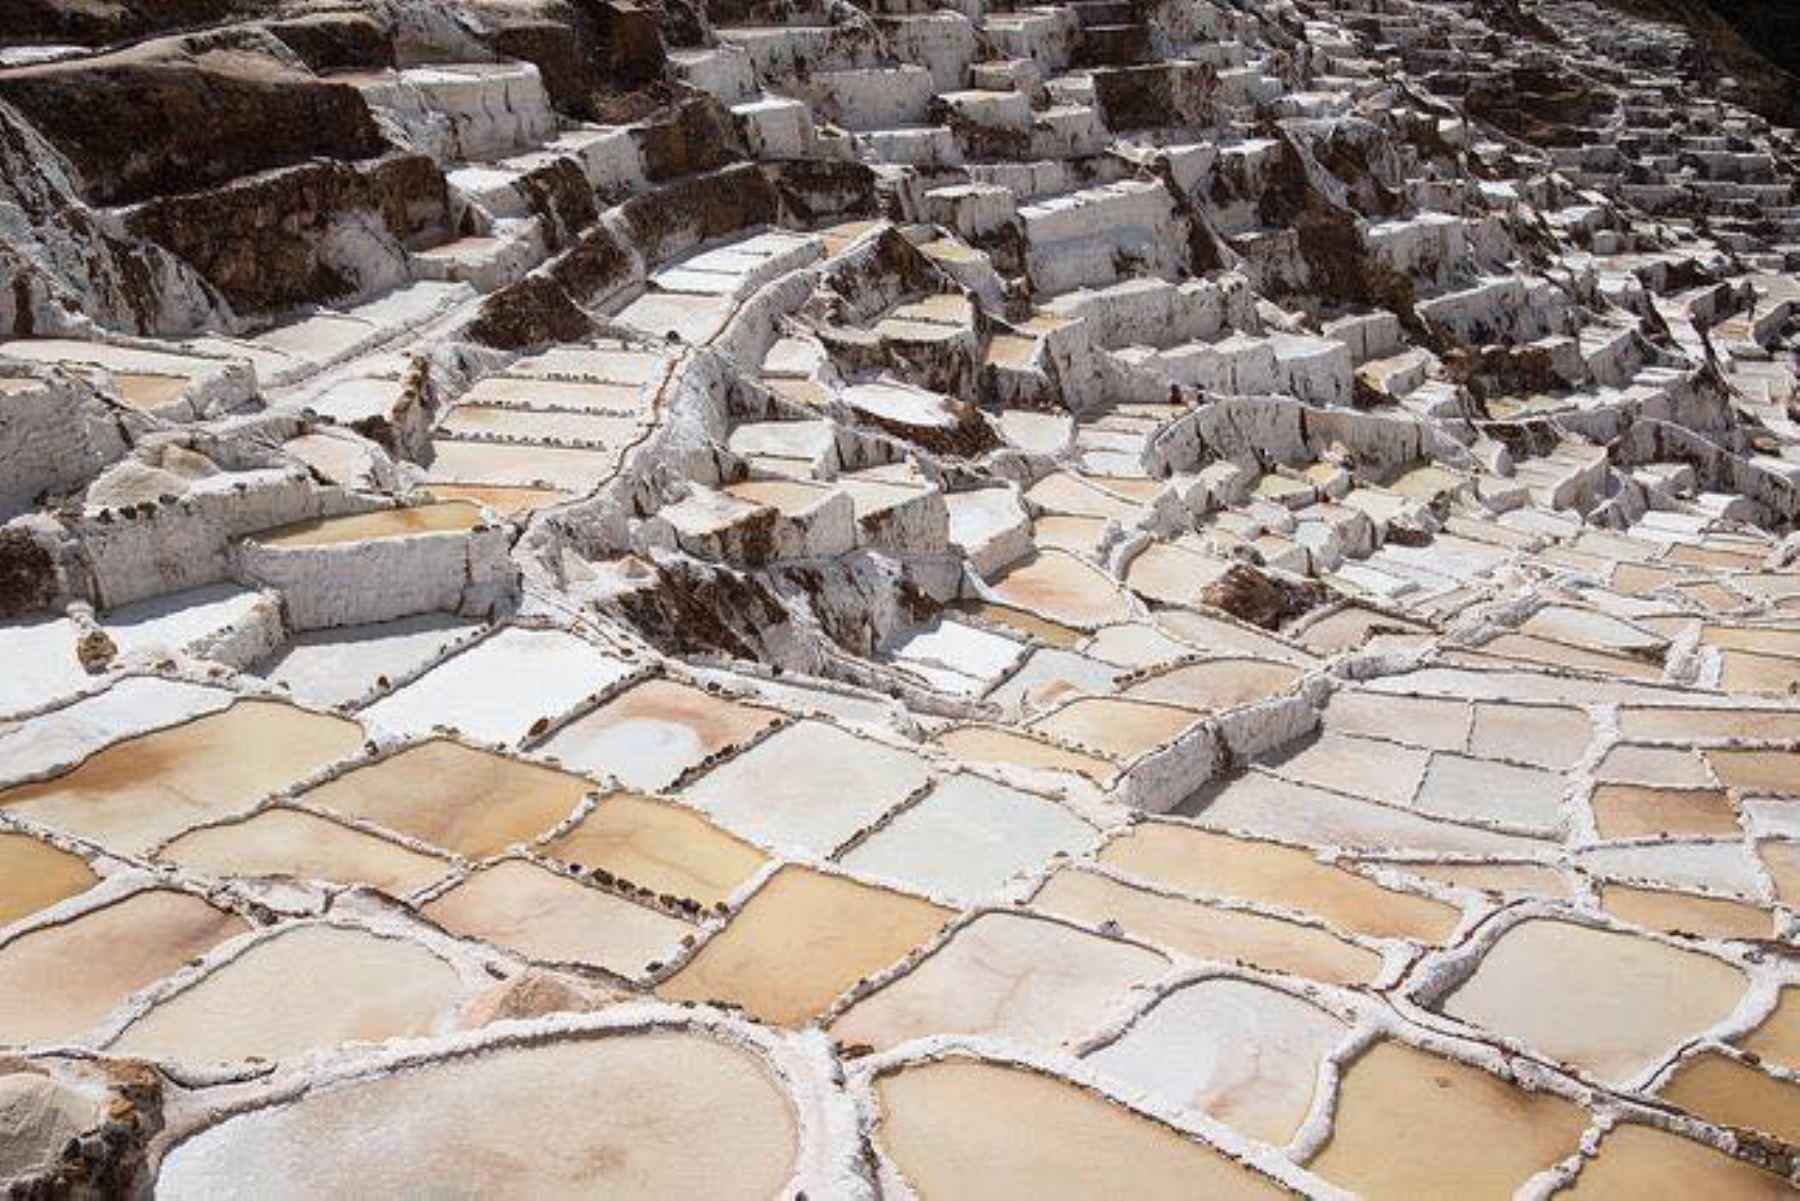 Las famosas salineras de Maras están ubicadas en la provincia de Urubamba, región Cusco.